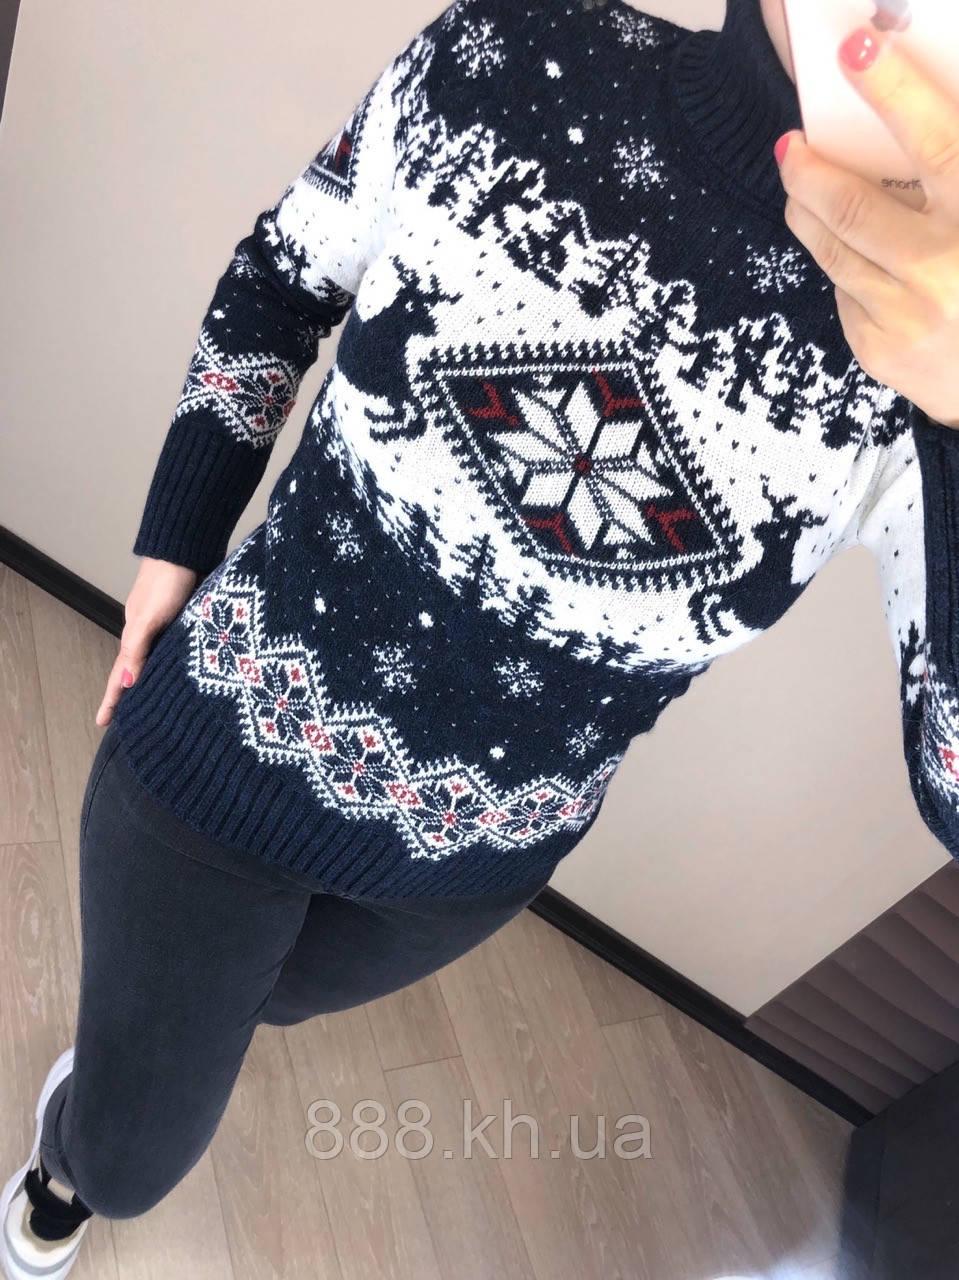 Чудесный шерстяной праздничный женский свитер с оленями (вязка)